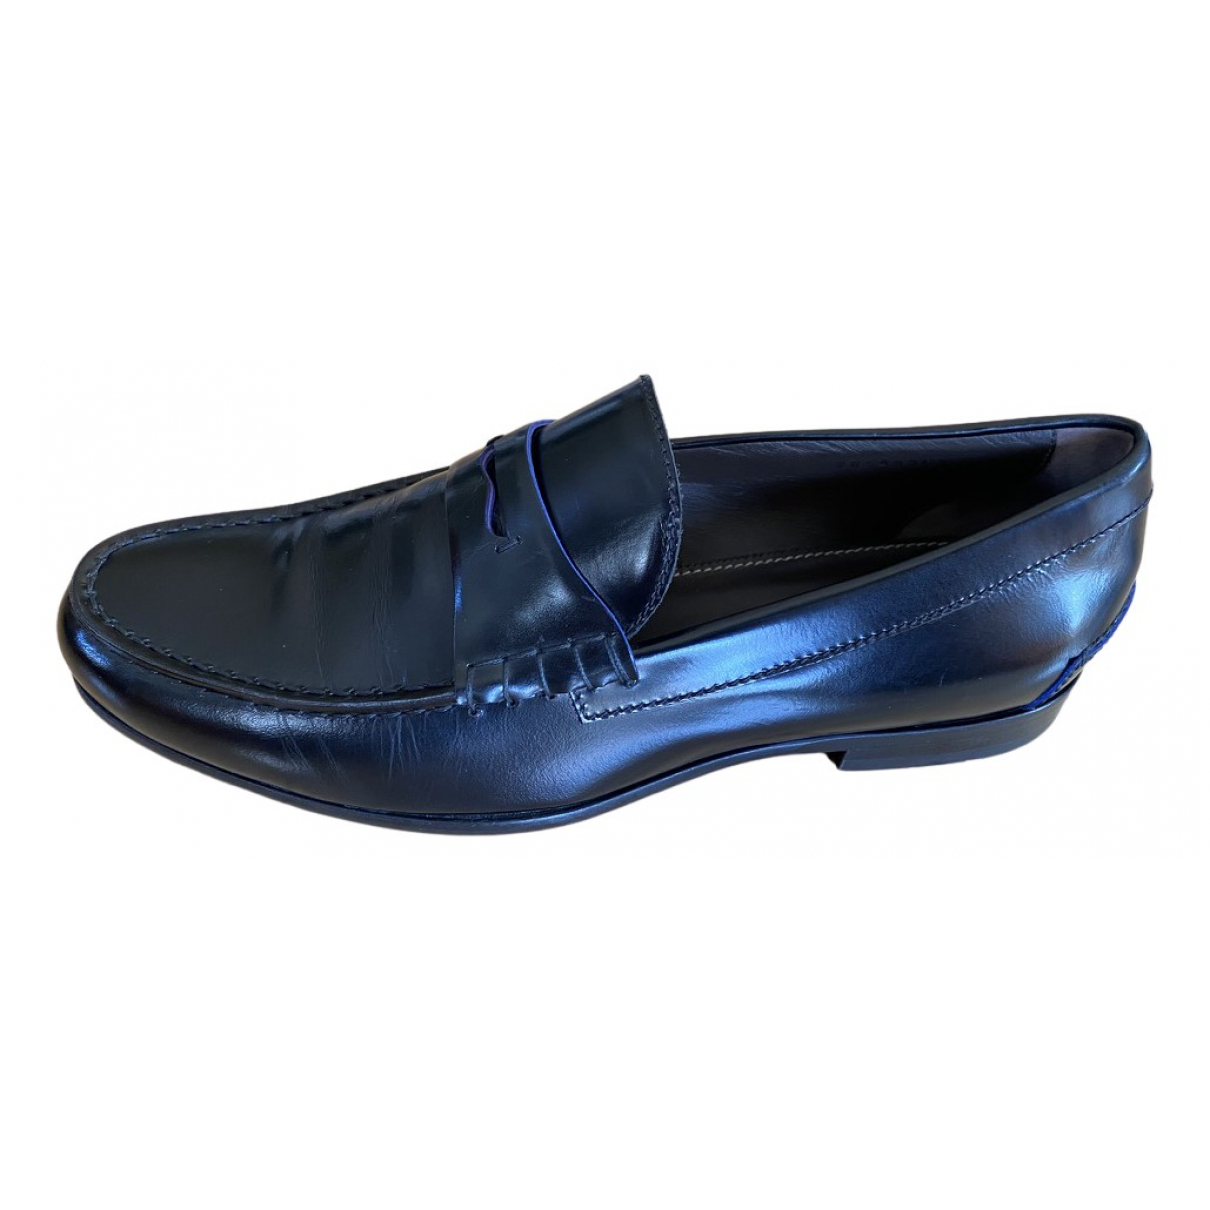 Boss N Black Leather Flats for Men 8.5 UK